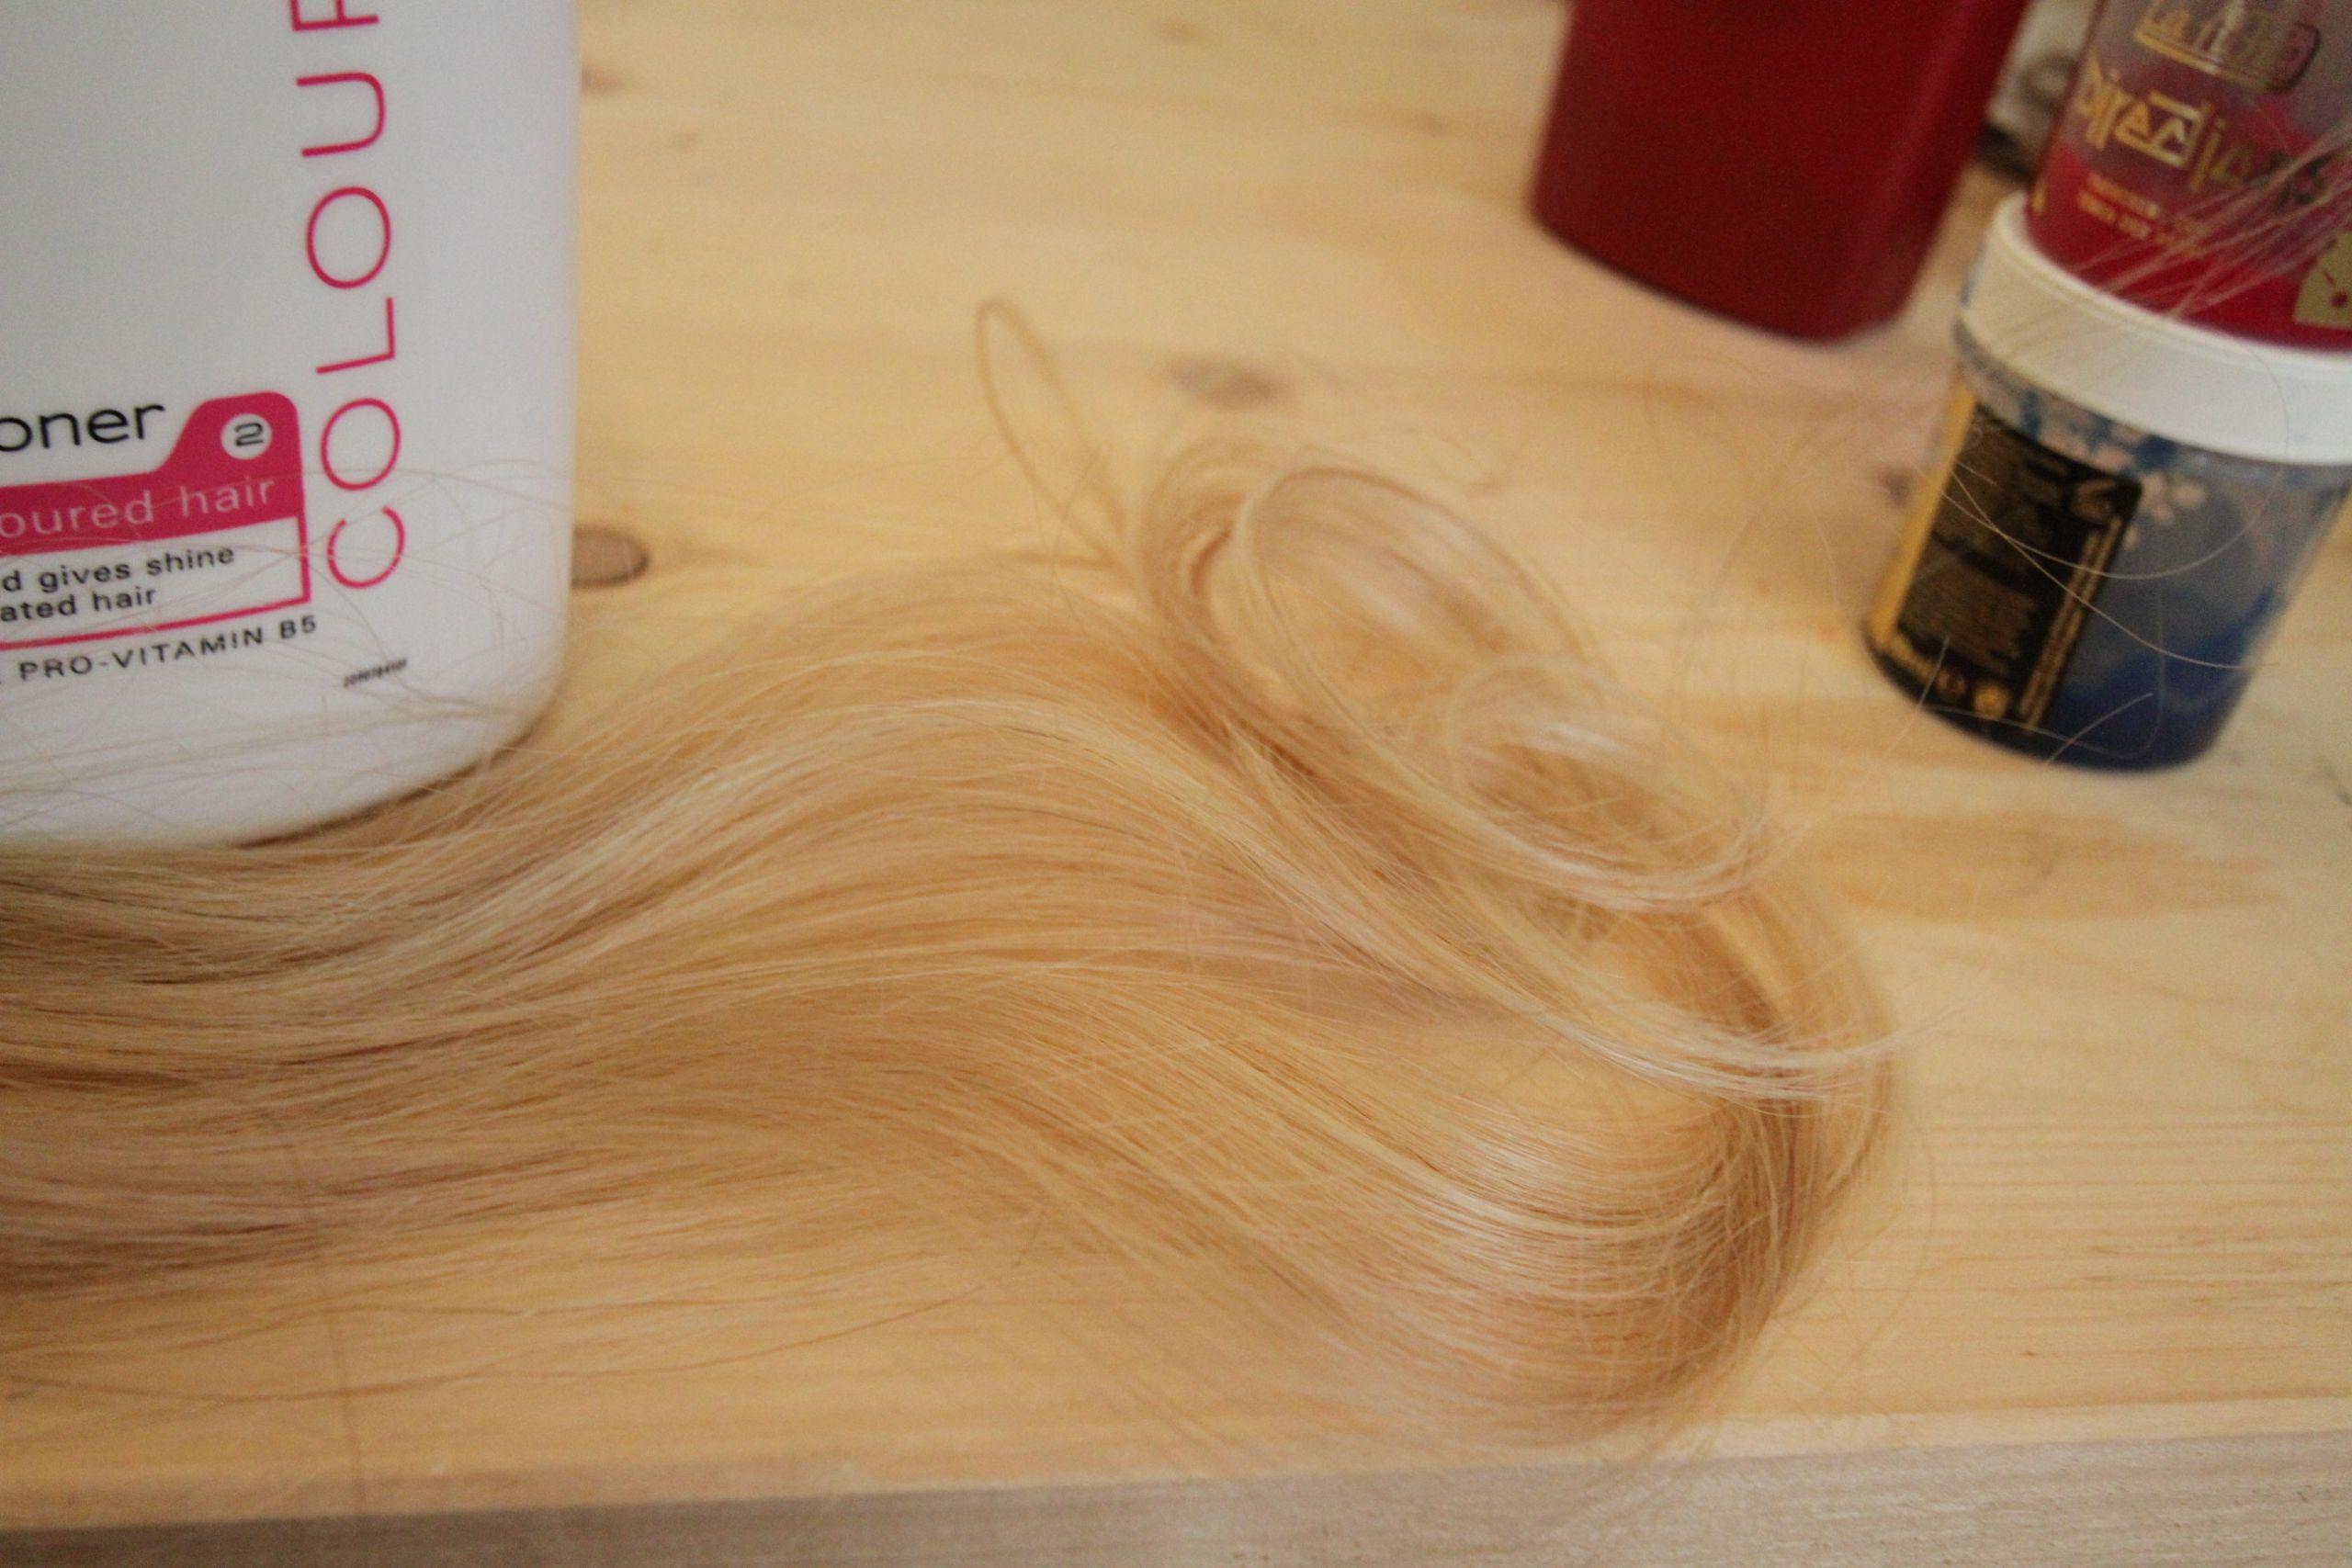 DIY Toner Hair  DIY hair toner